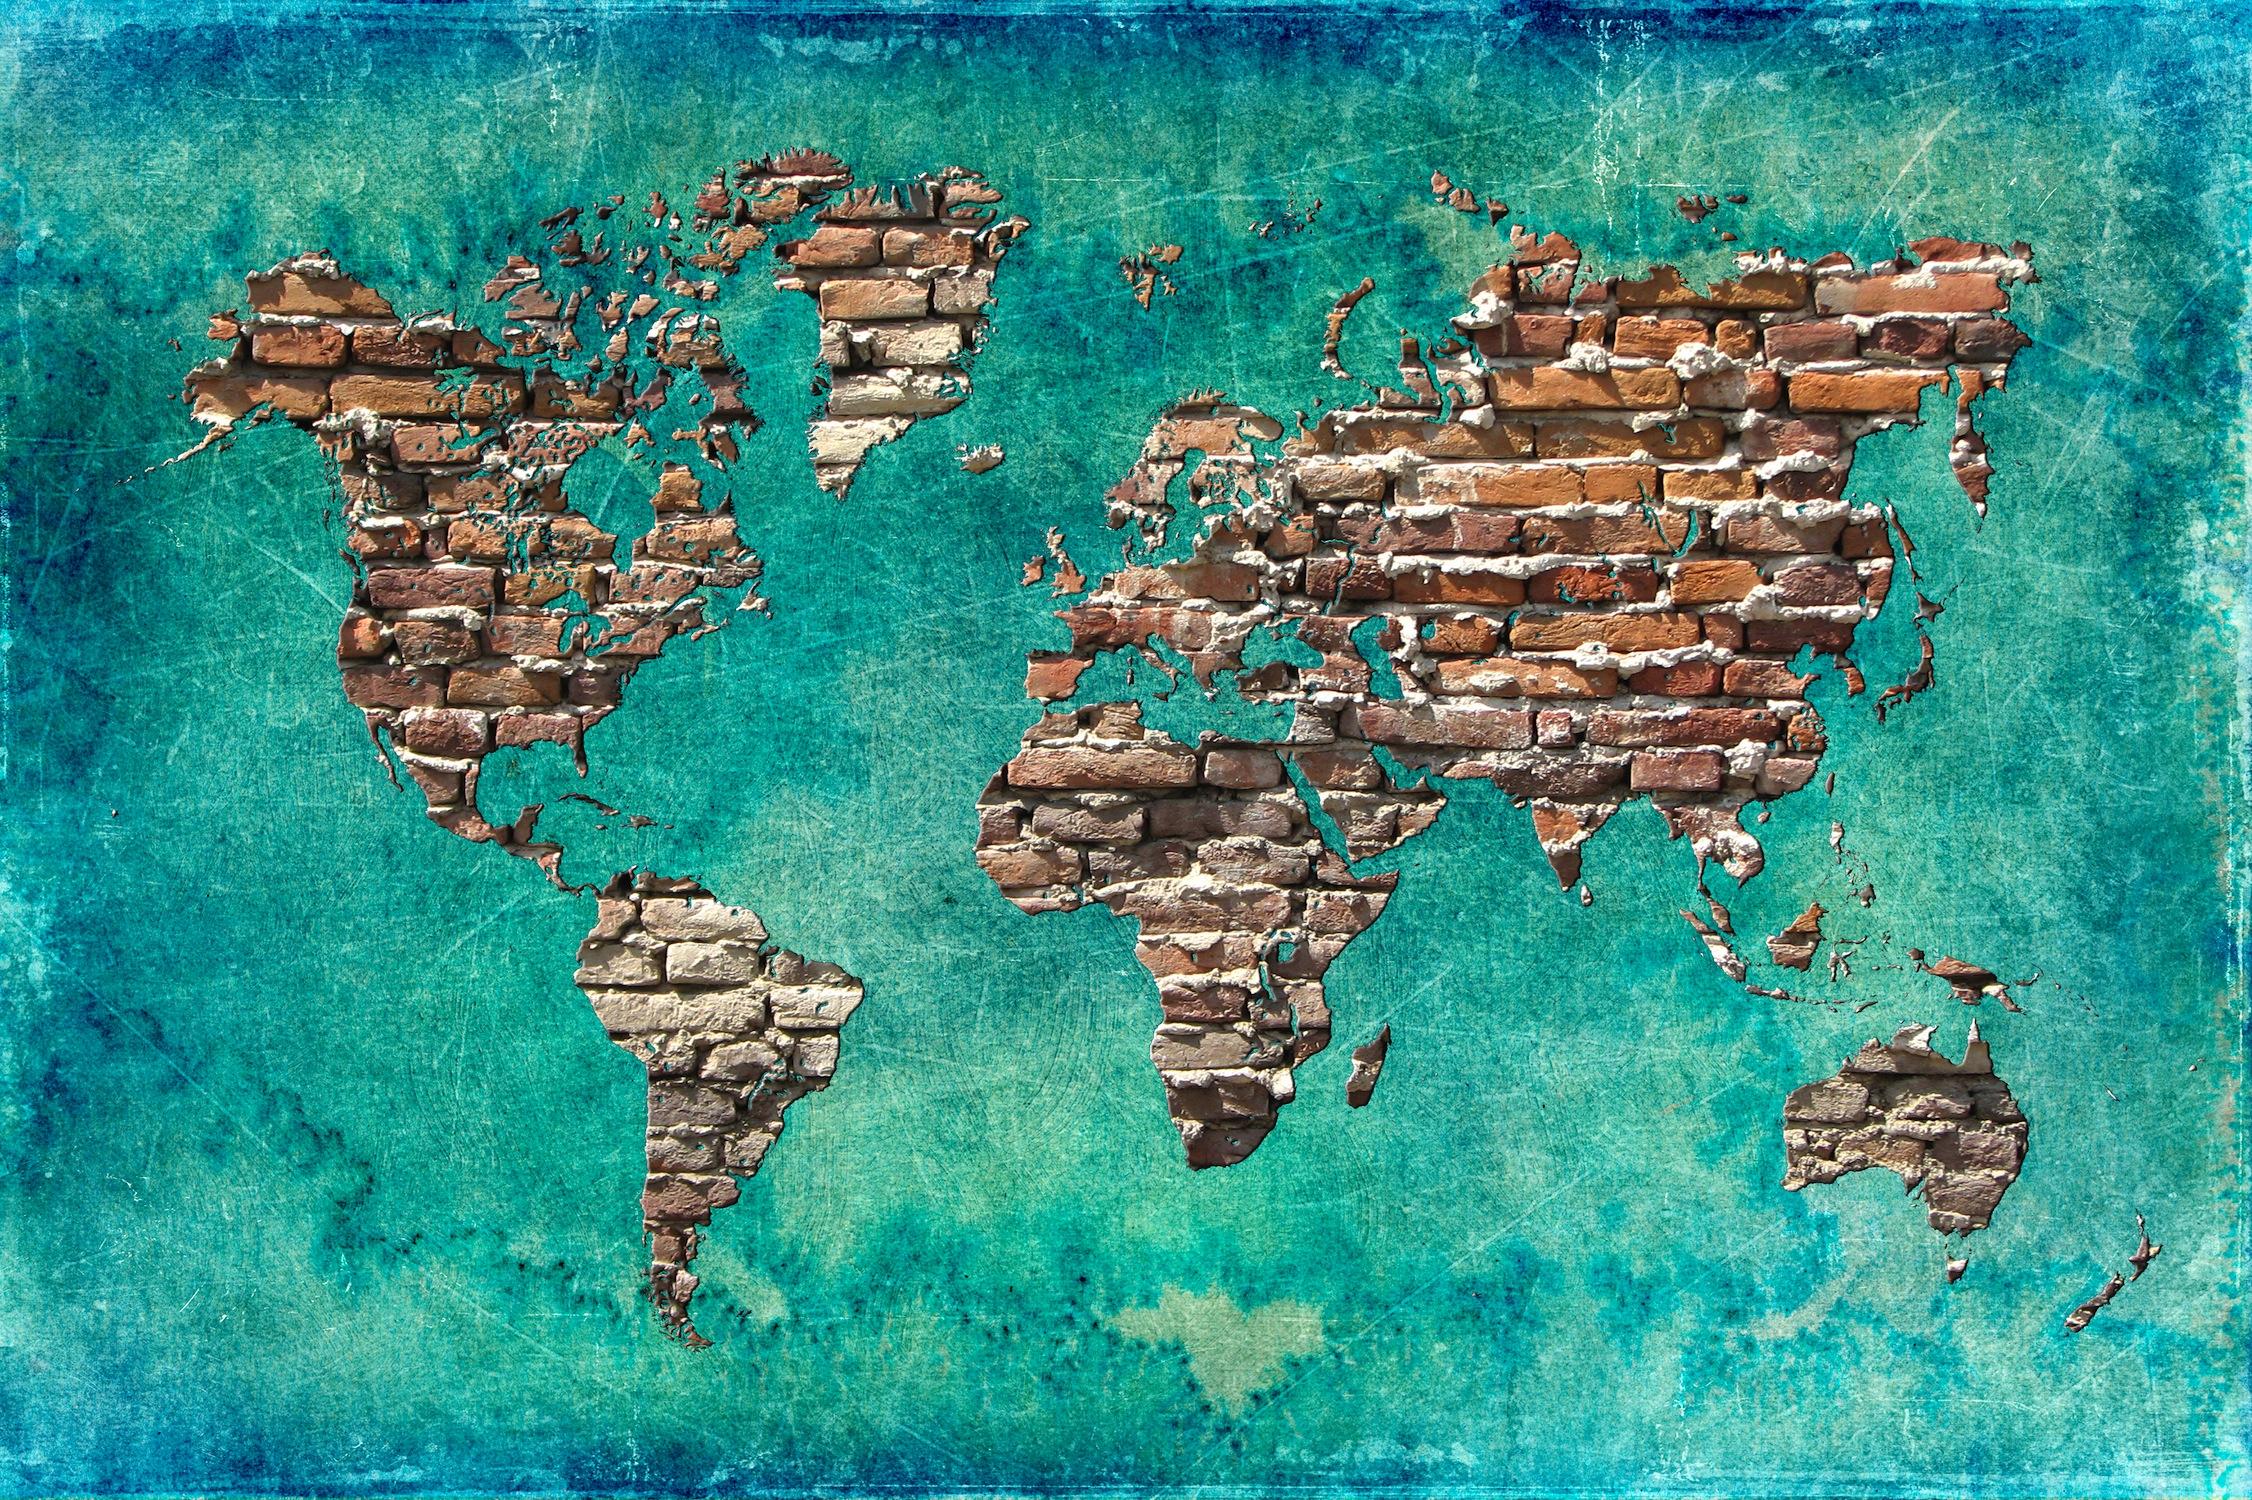 Dünya'dan Kalan - Resimli Duvar Dekorasyonu